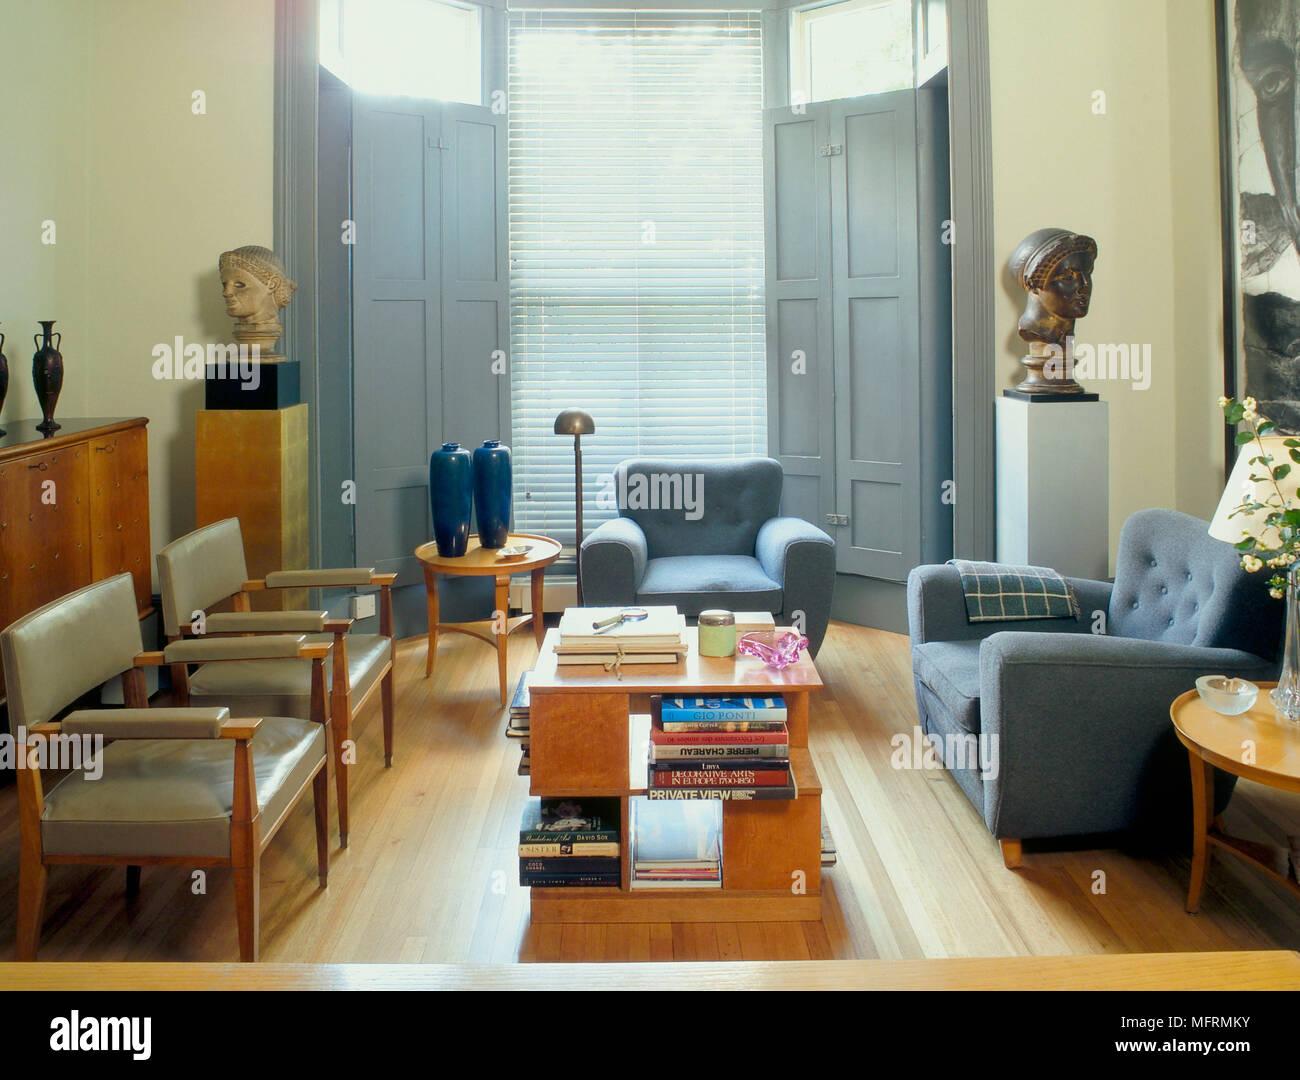 Ein Modernes Wohnzimmer Mit Bemalten Fensterläden Gepolsterte Sessel